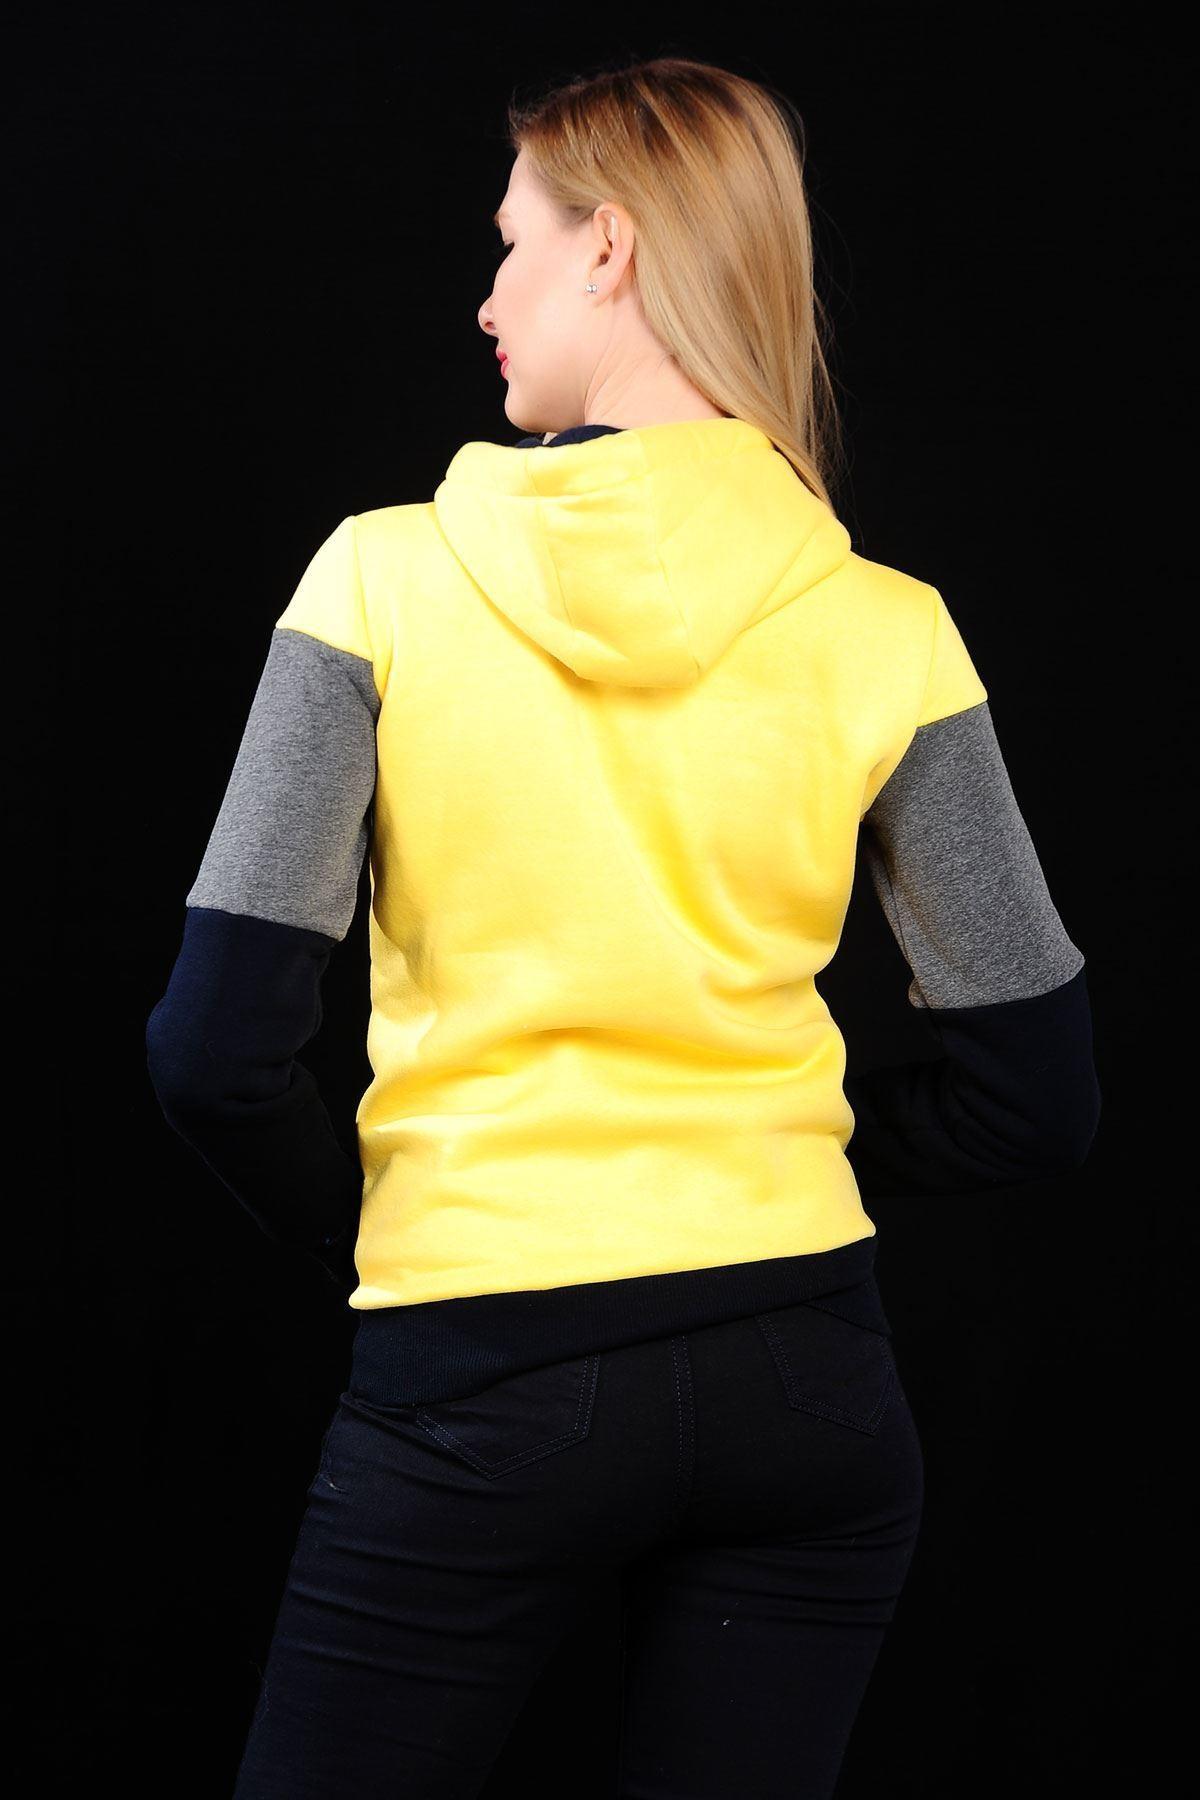 3 Renk Sarı Sweat Bayan